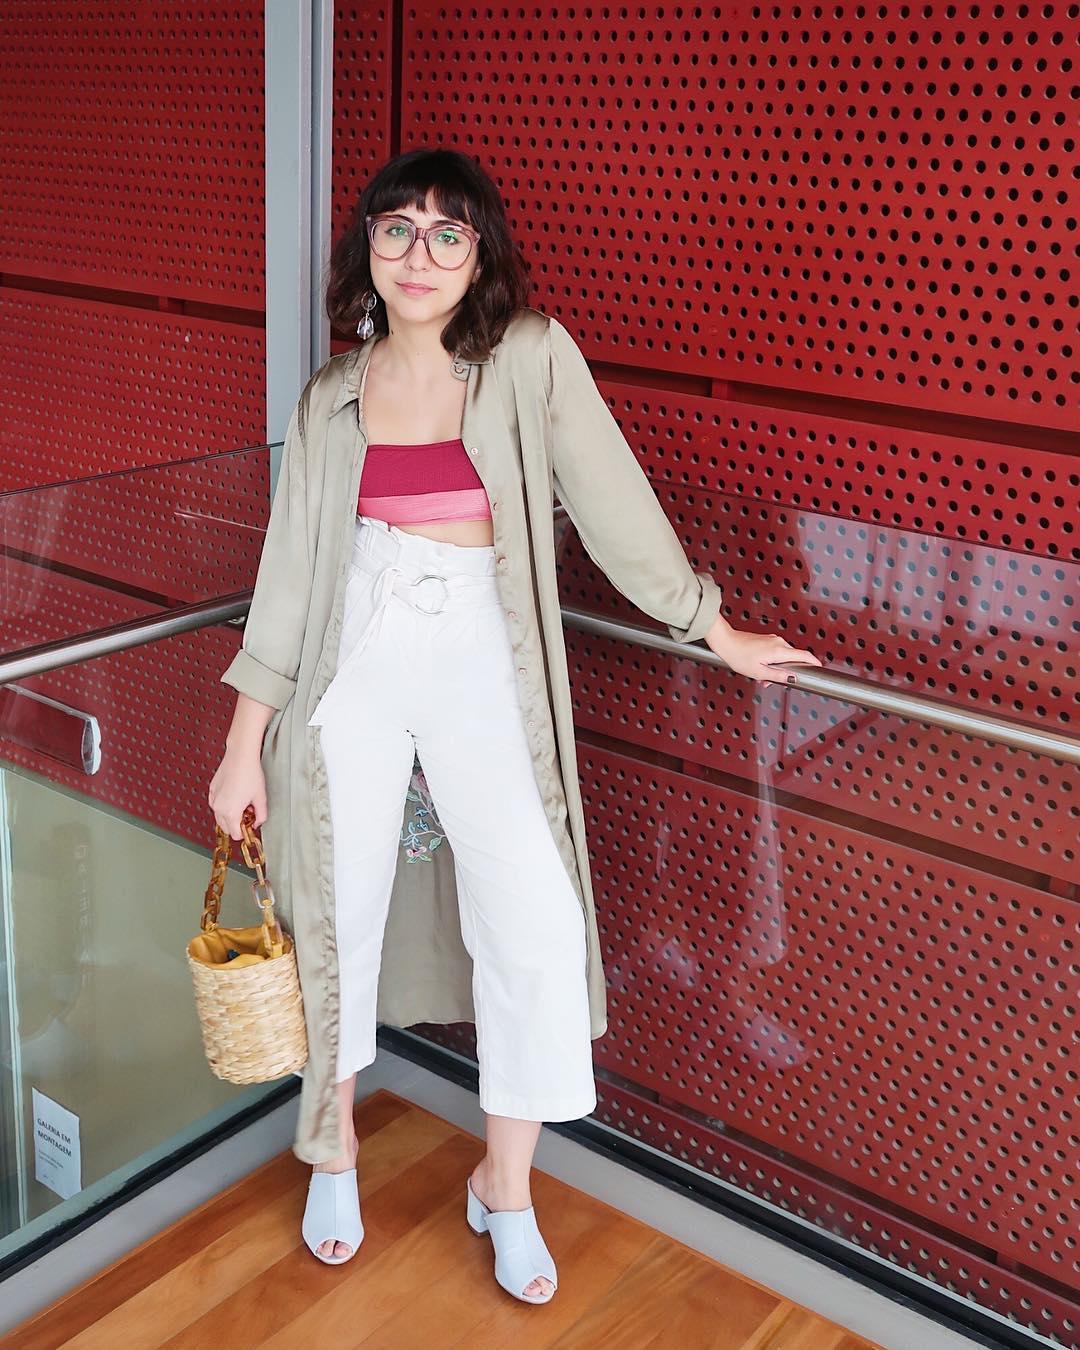 Sofia Stipkovic lolla - Interview: Sofia Stipkovic, journalist and content creator at iLove.e